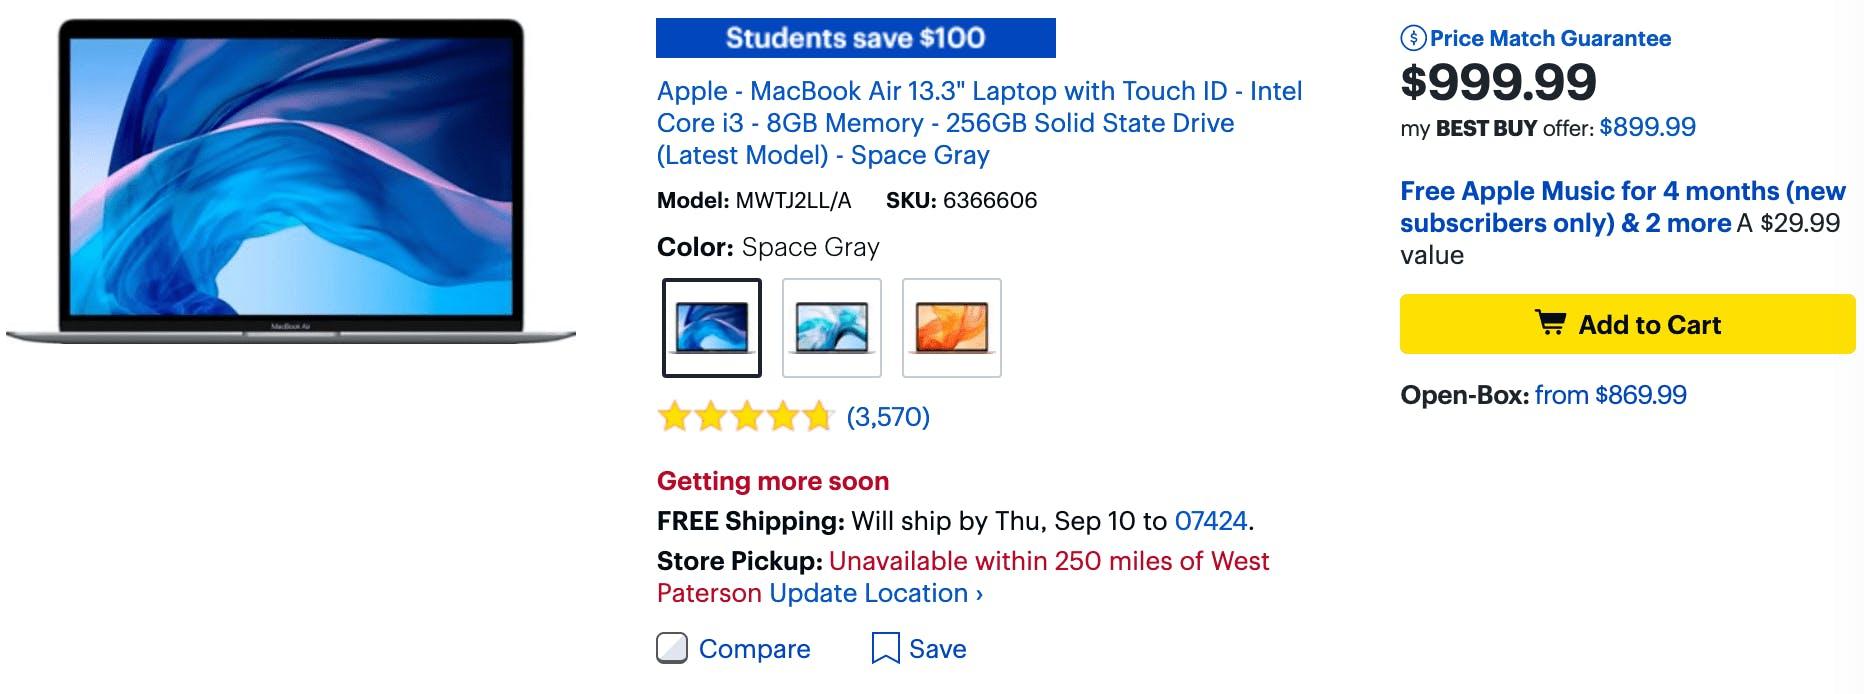 Best Buy PC Price